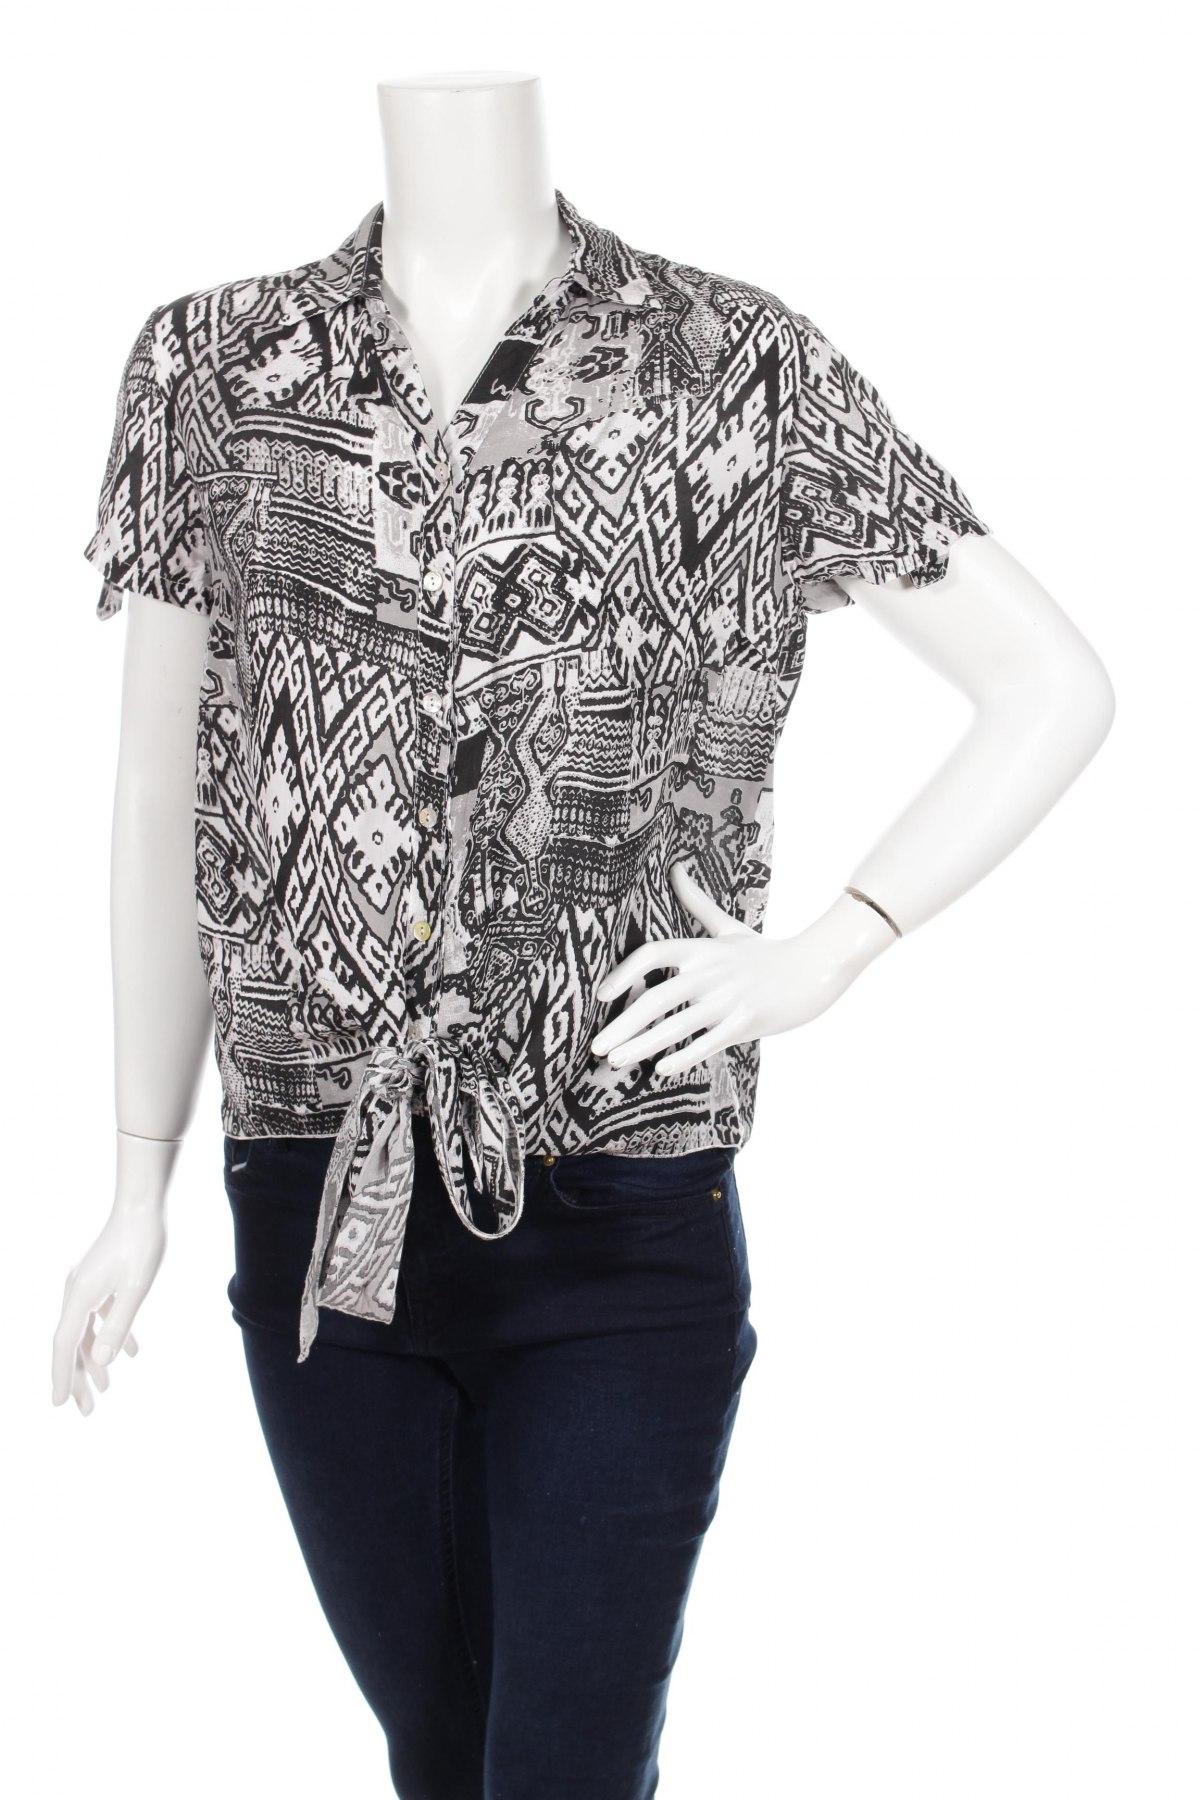 Γυναικείο πουκάμισο Driver, Μέγεθος M, Χρώμα Μαύρο, 100% βισκόζη, Τιμή 11,13€